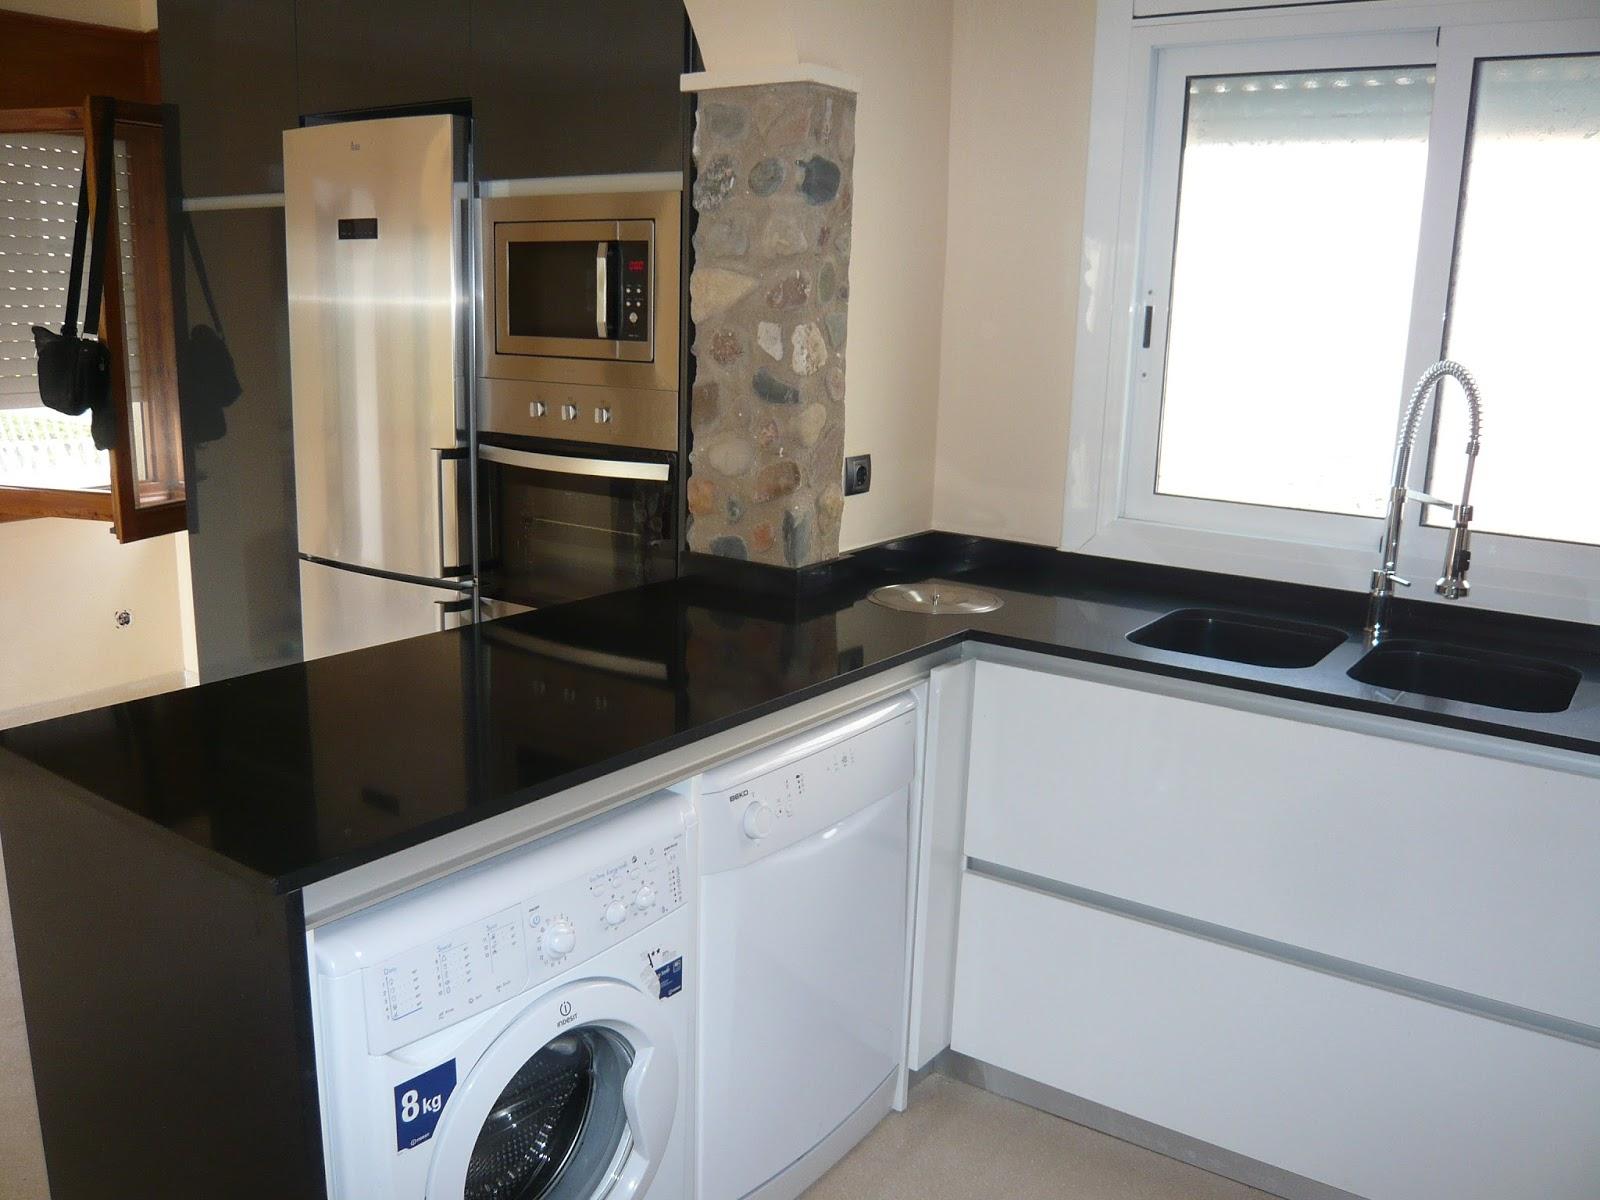 Reuscuina muebles de cocina sin tiradores con isla - Tiradores muebles ...